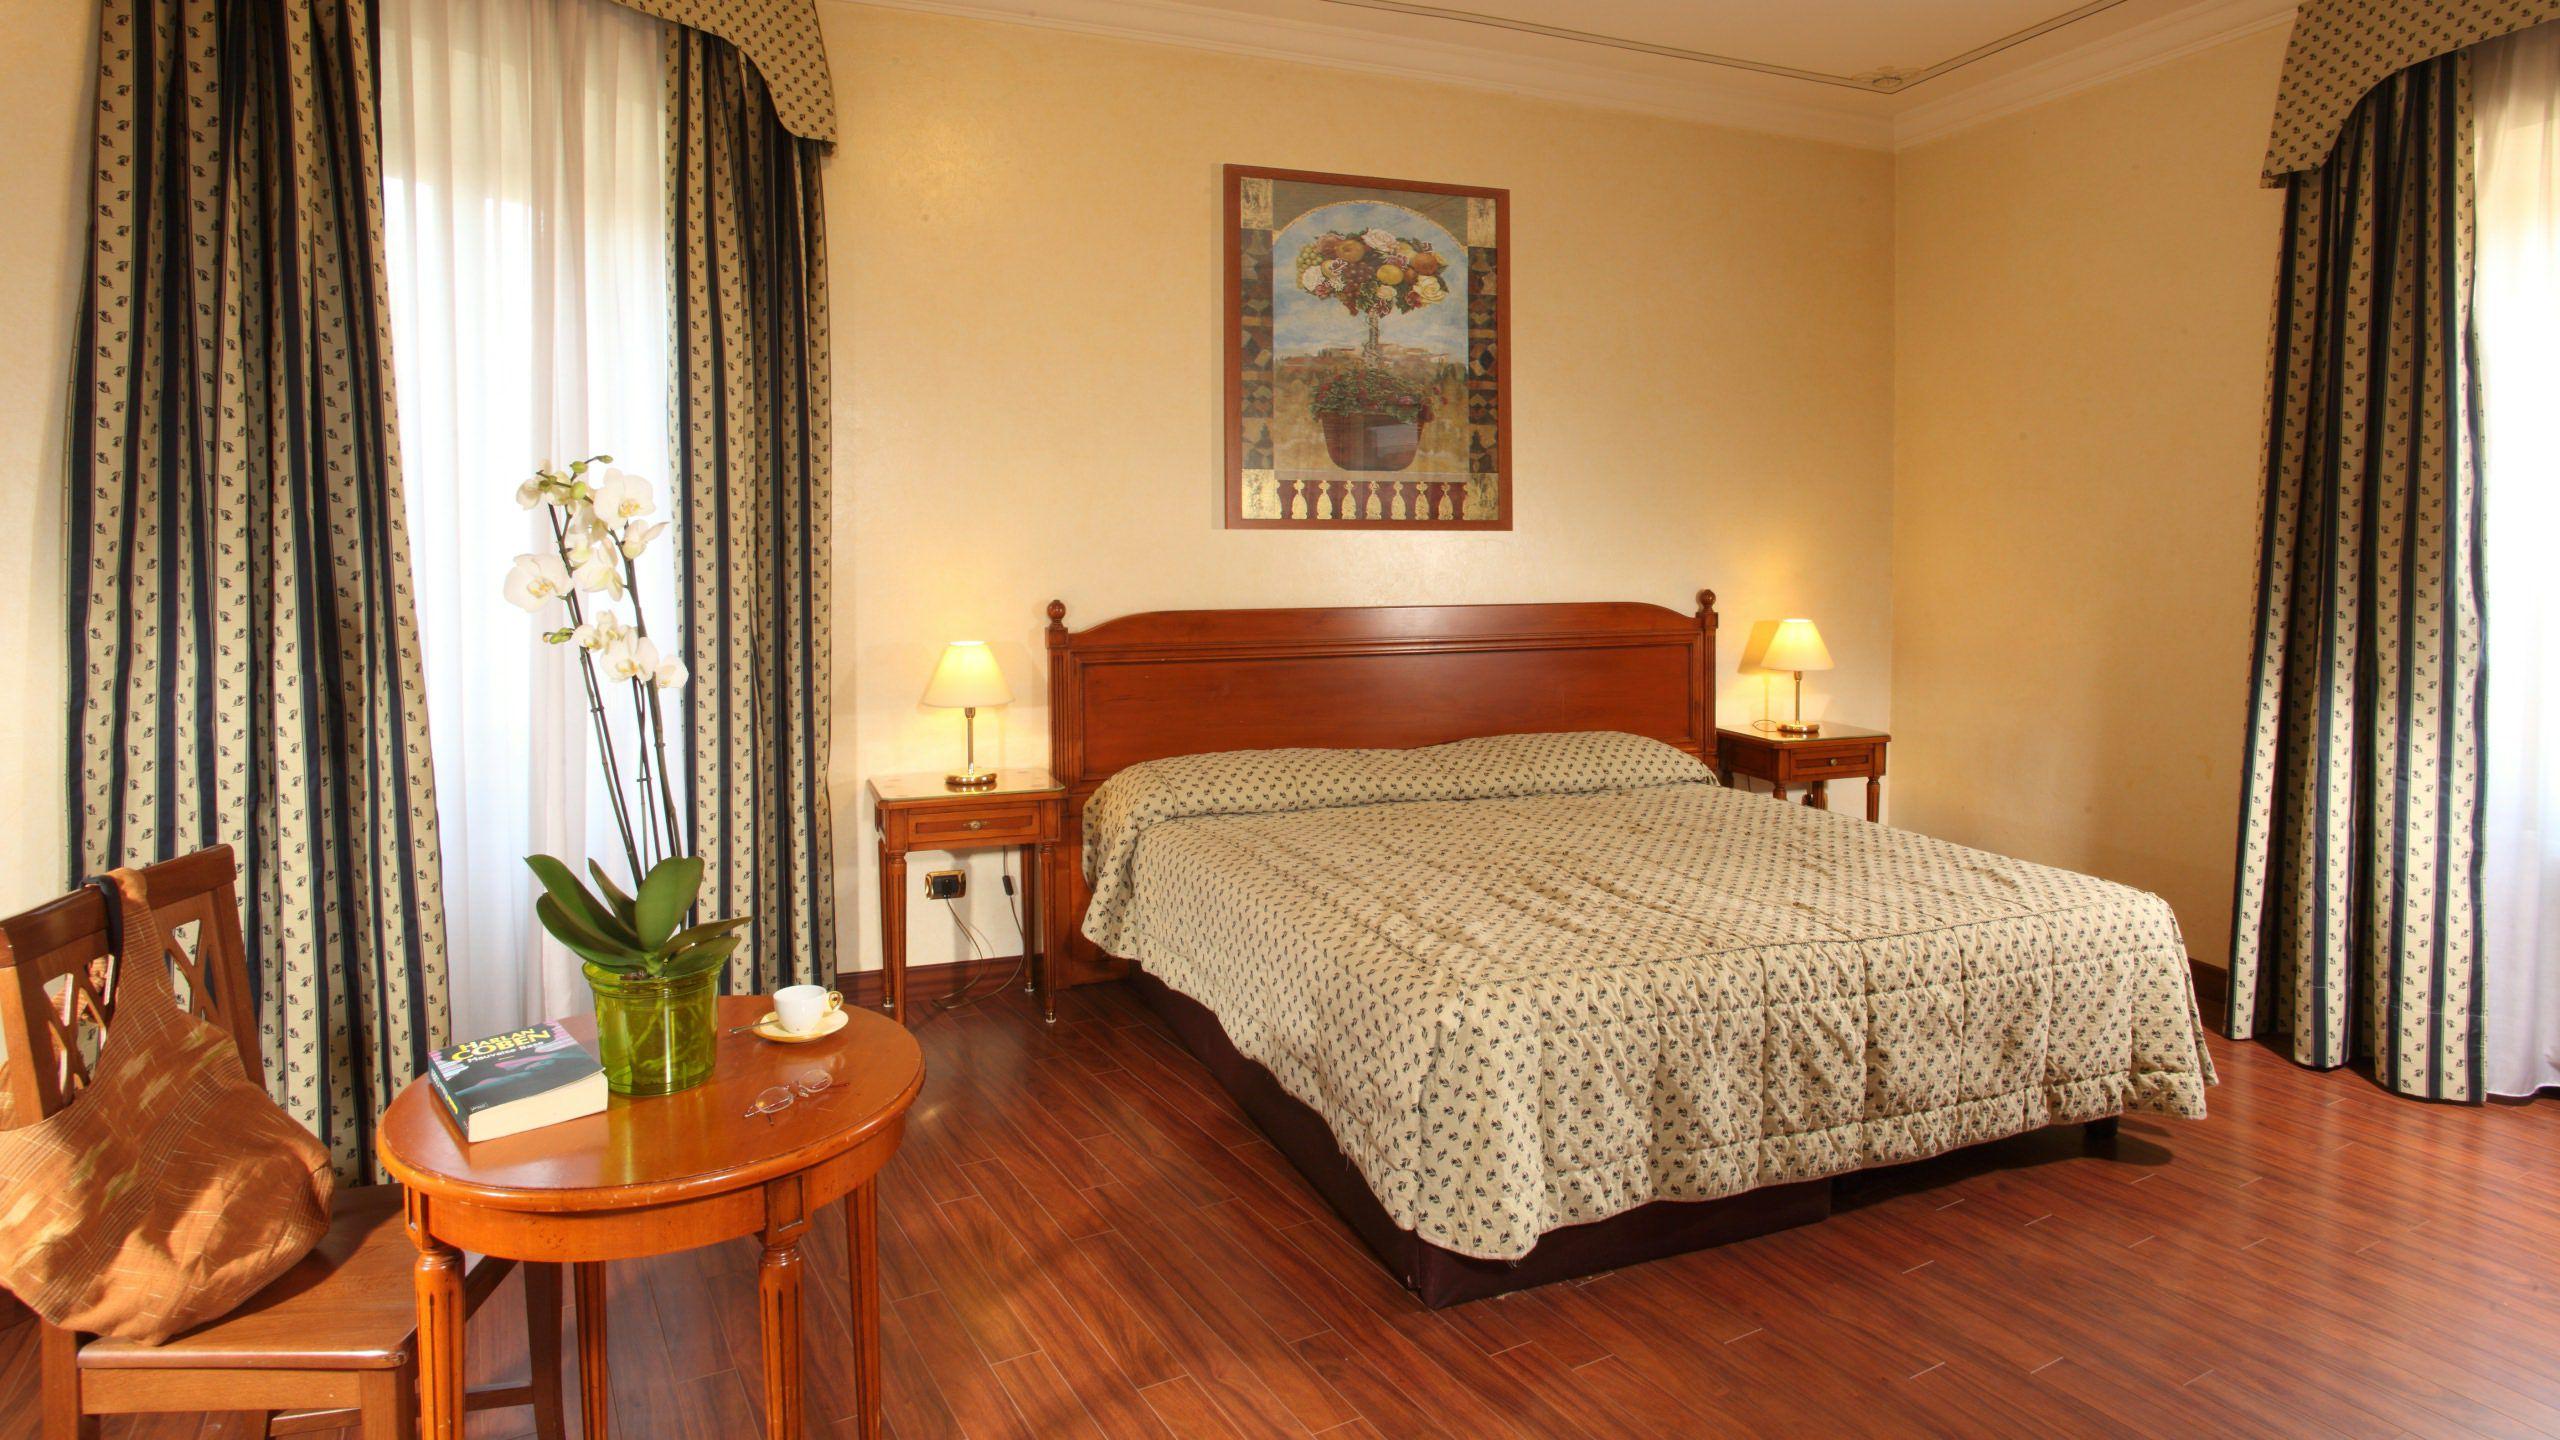 hotel-alessandrino-roma-habitacion-8